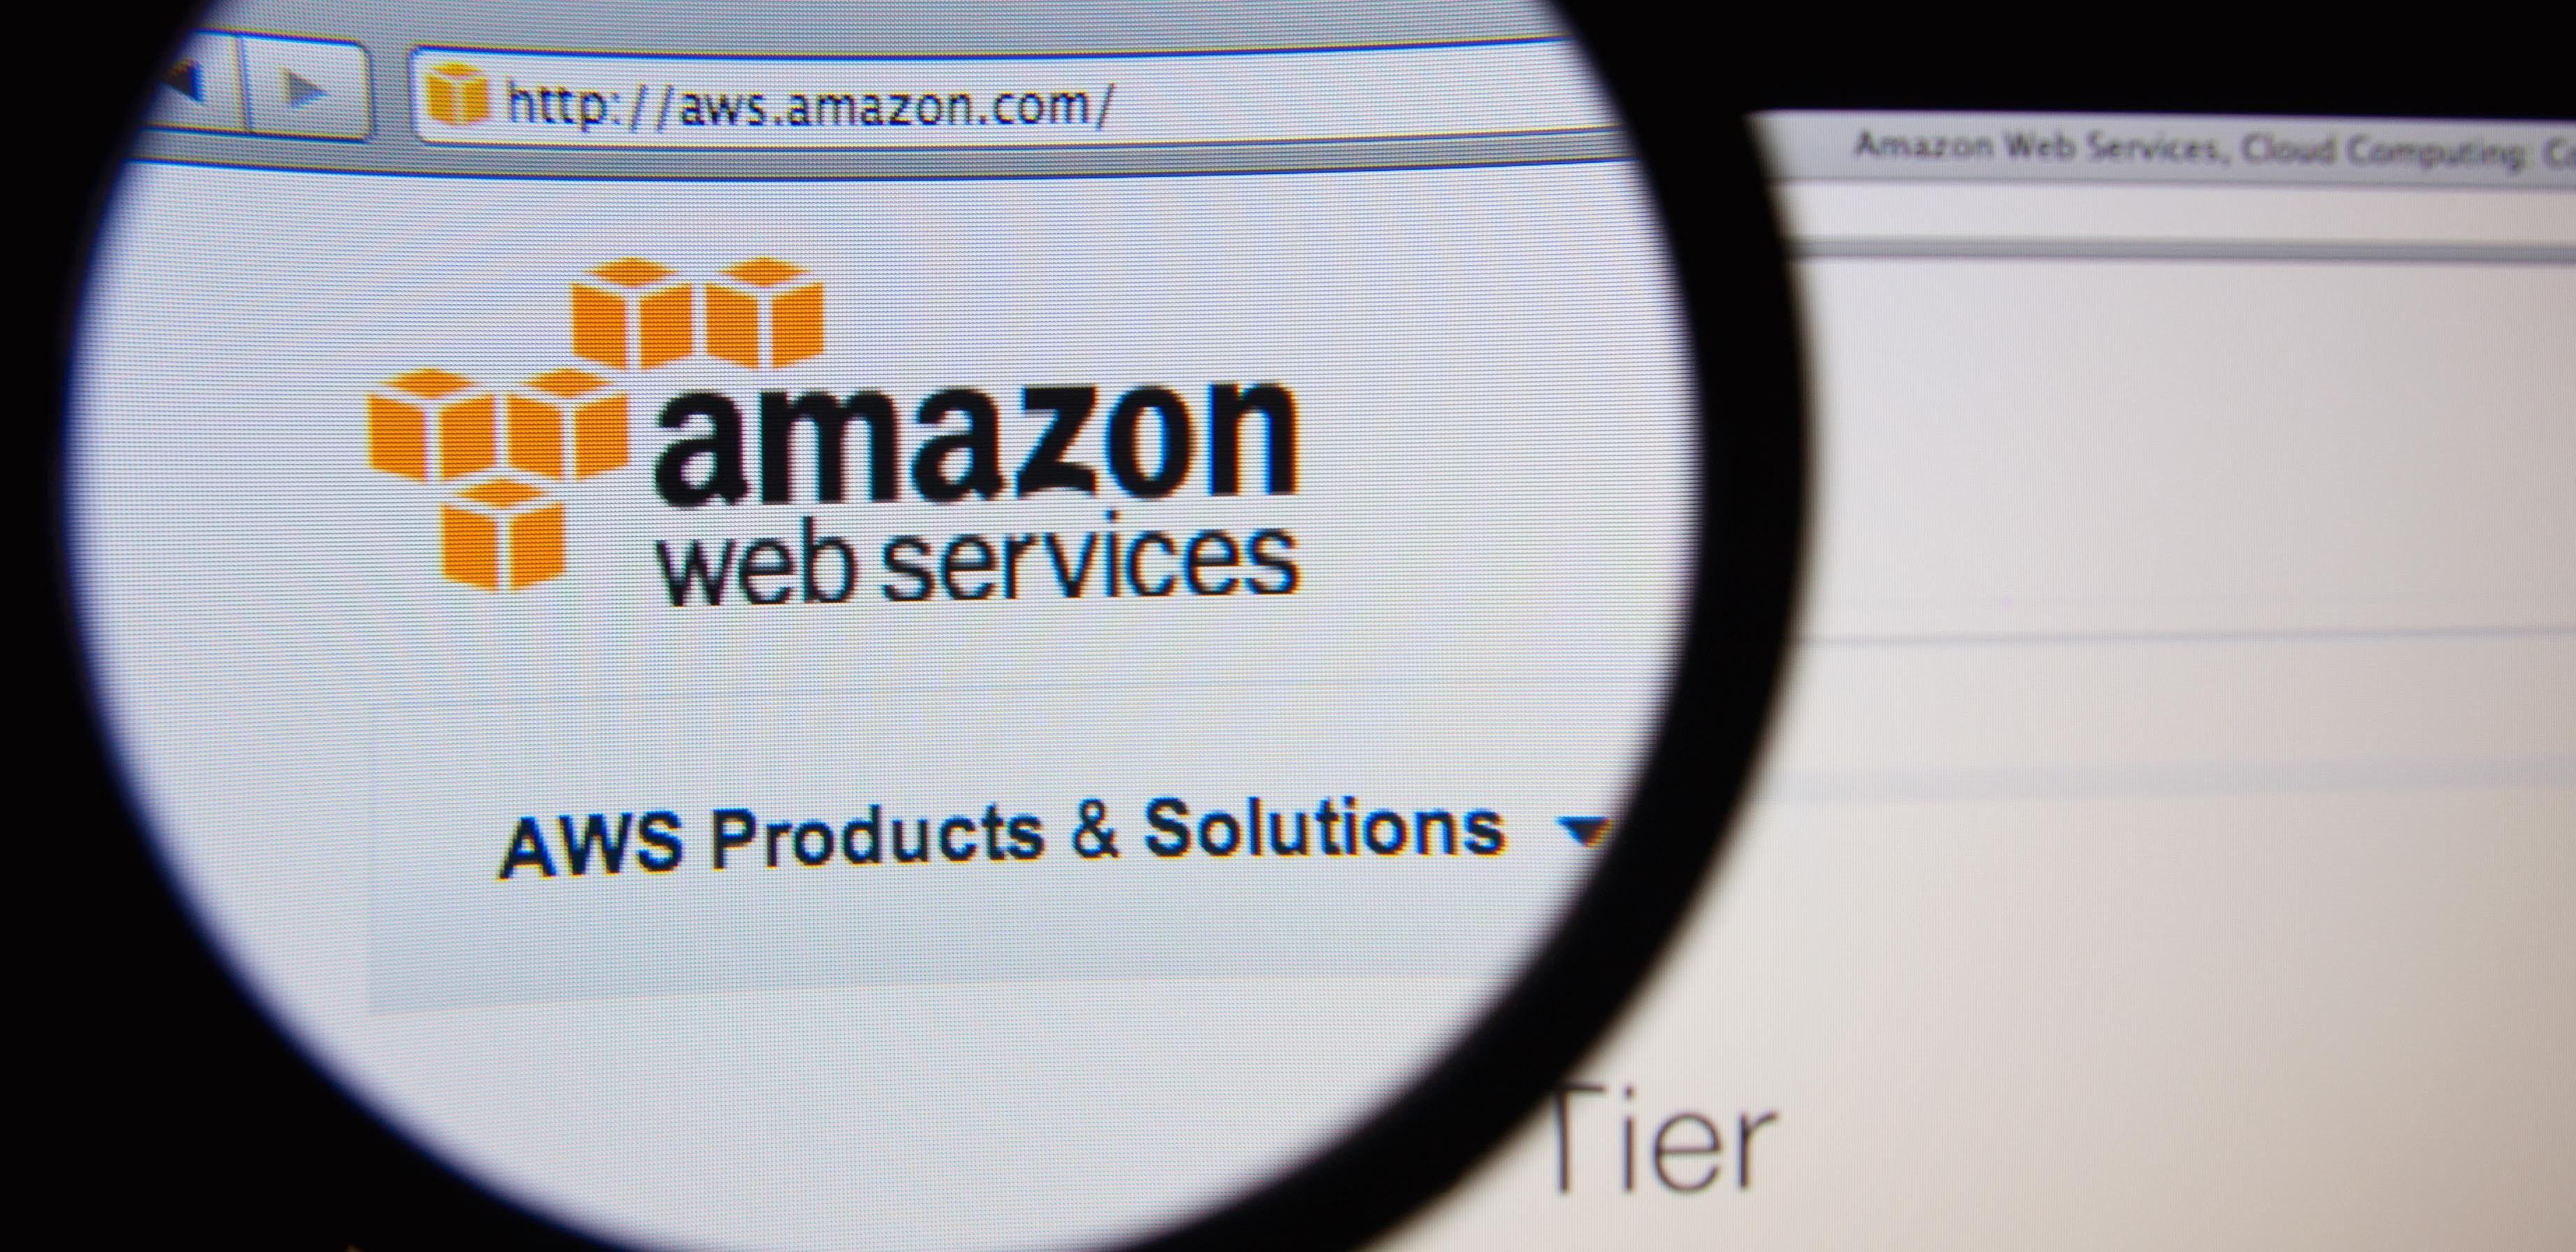 意外诞生的 AWS 却成为了亚马逊扭亏的功臣